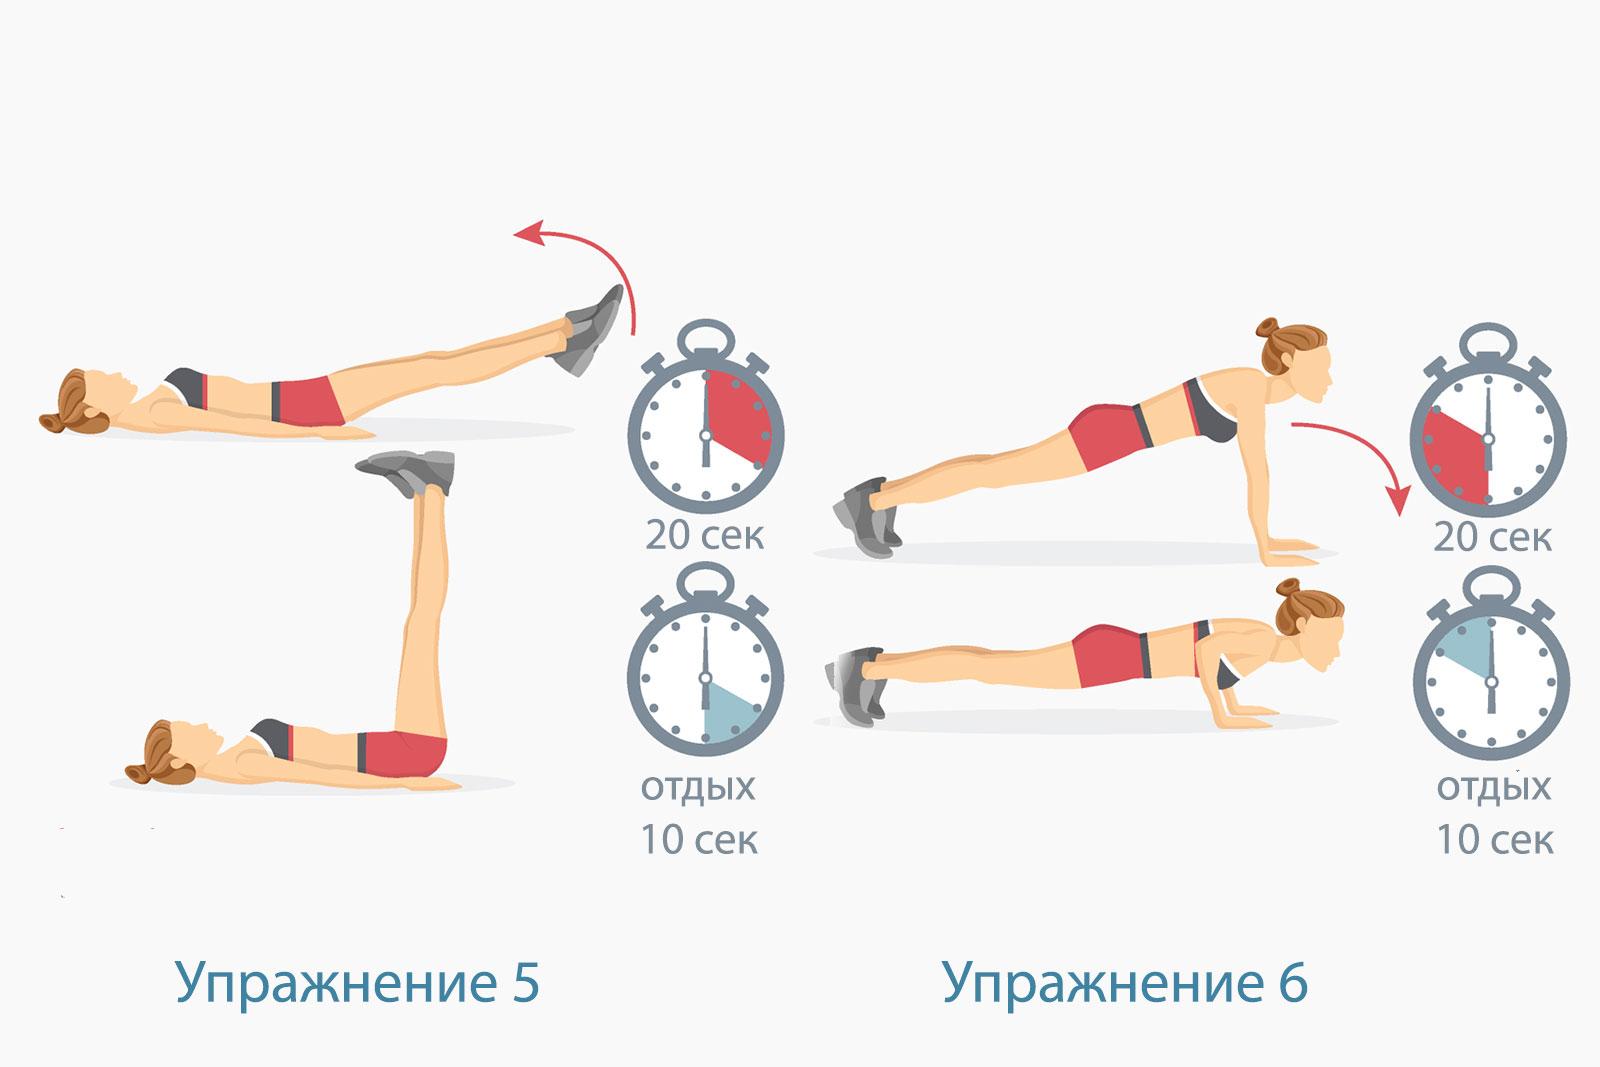 Программа тренировок Табата — упражнение 3